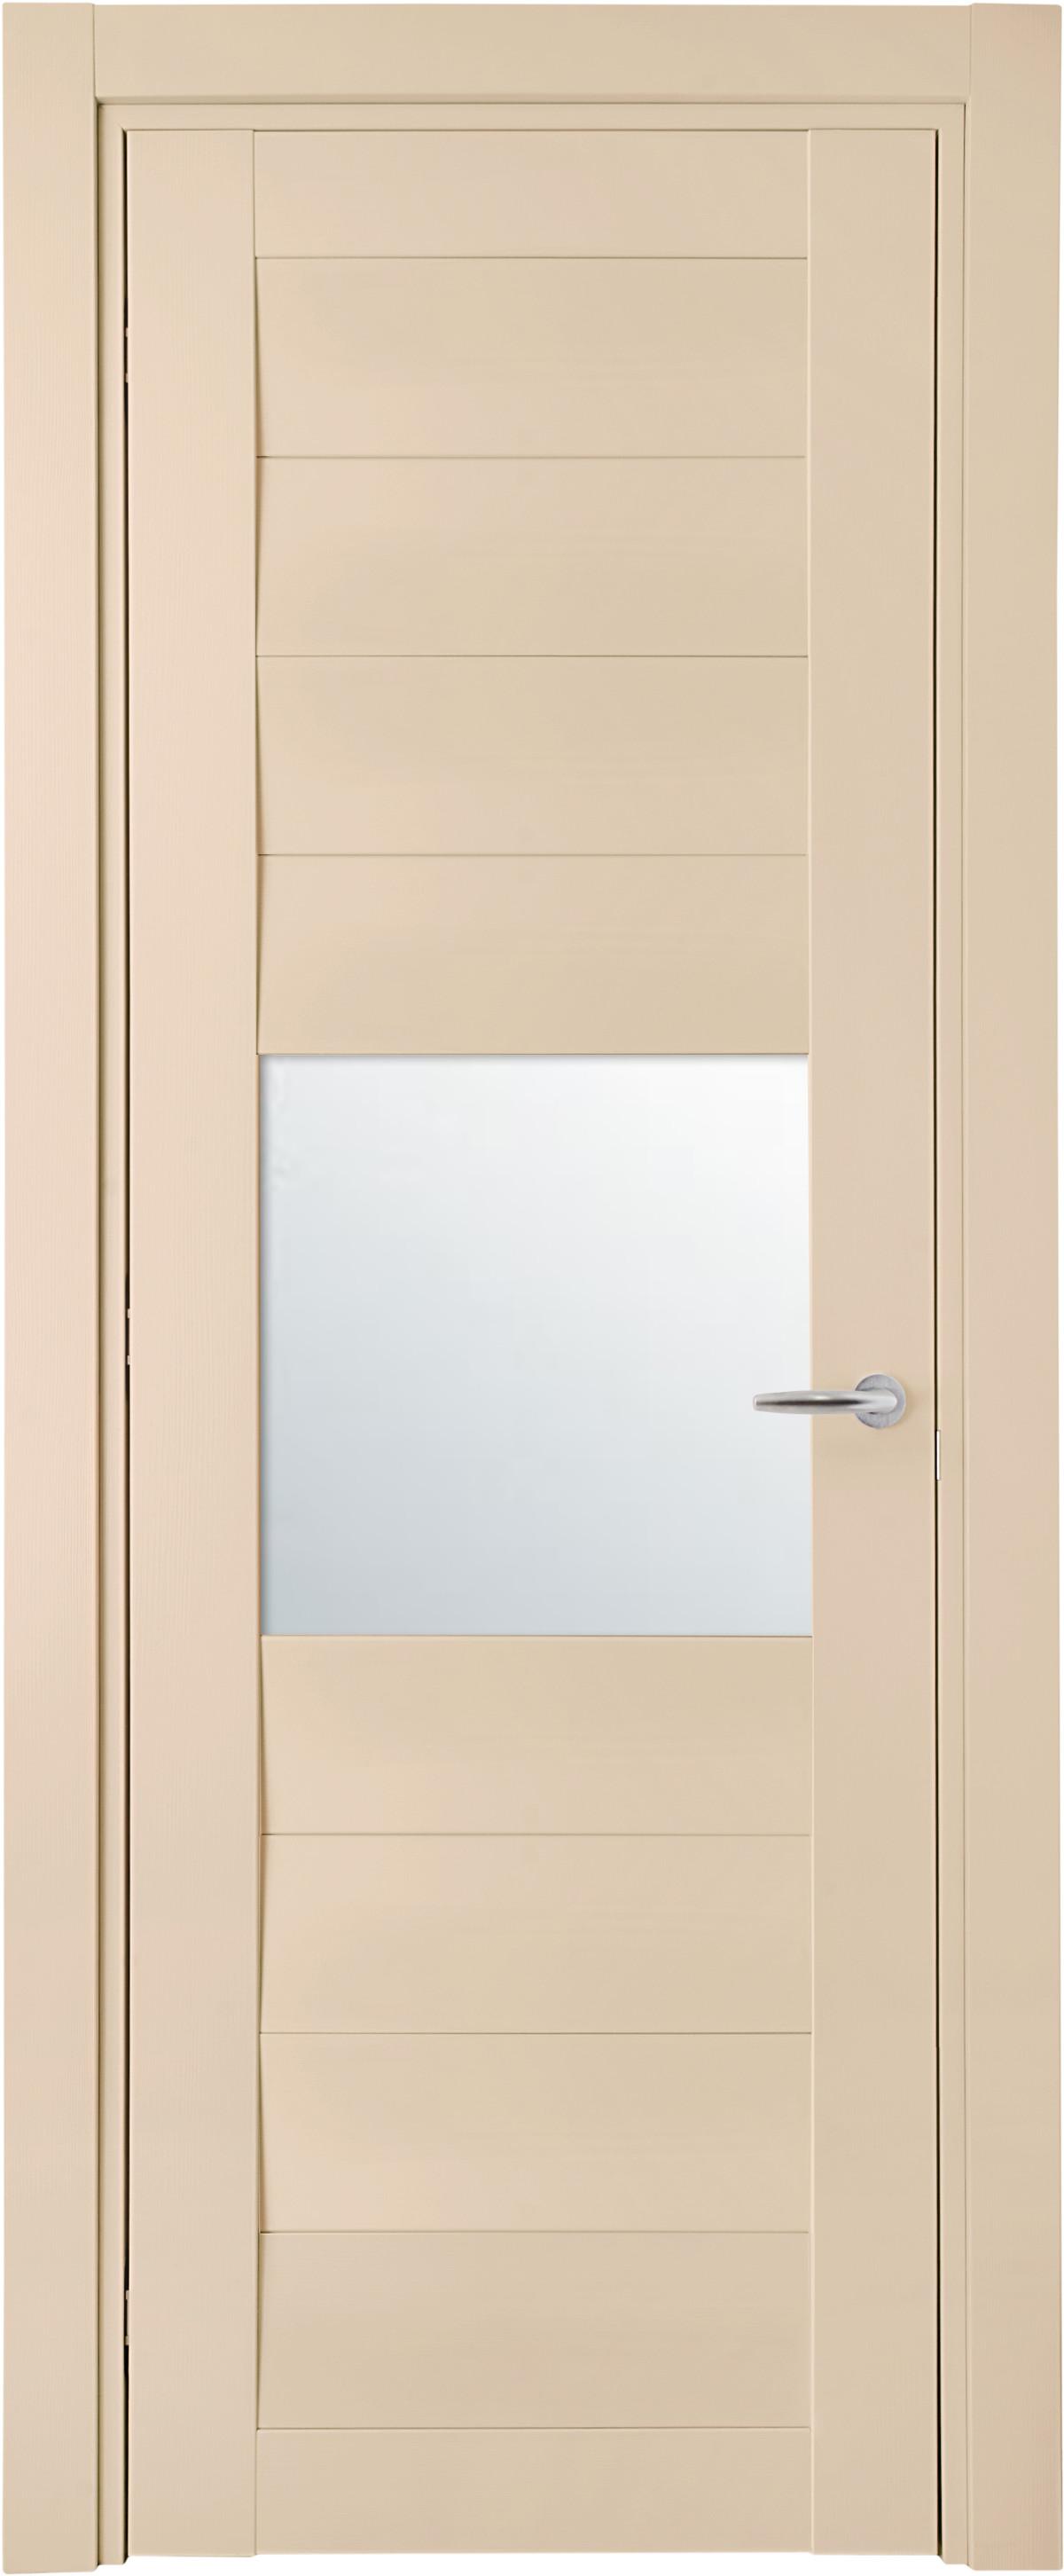 door34